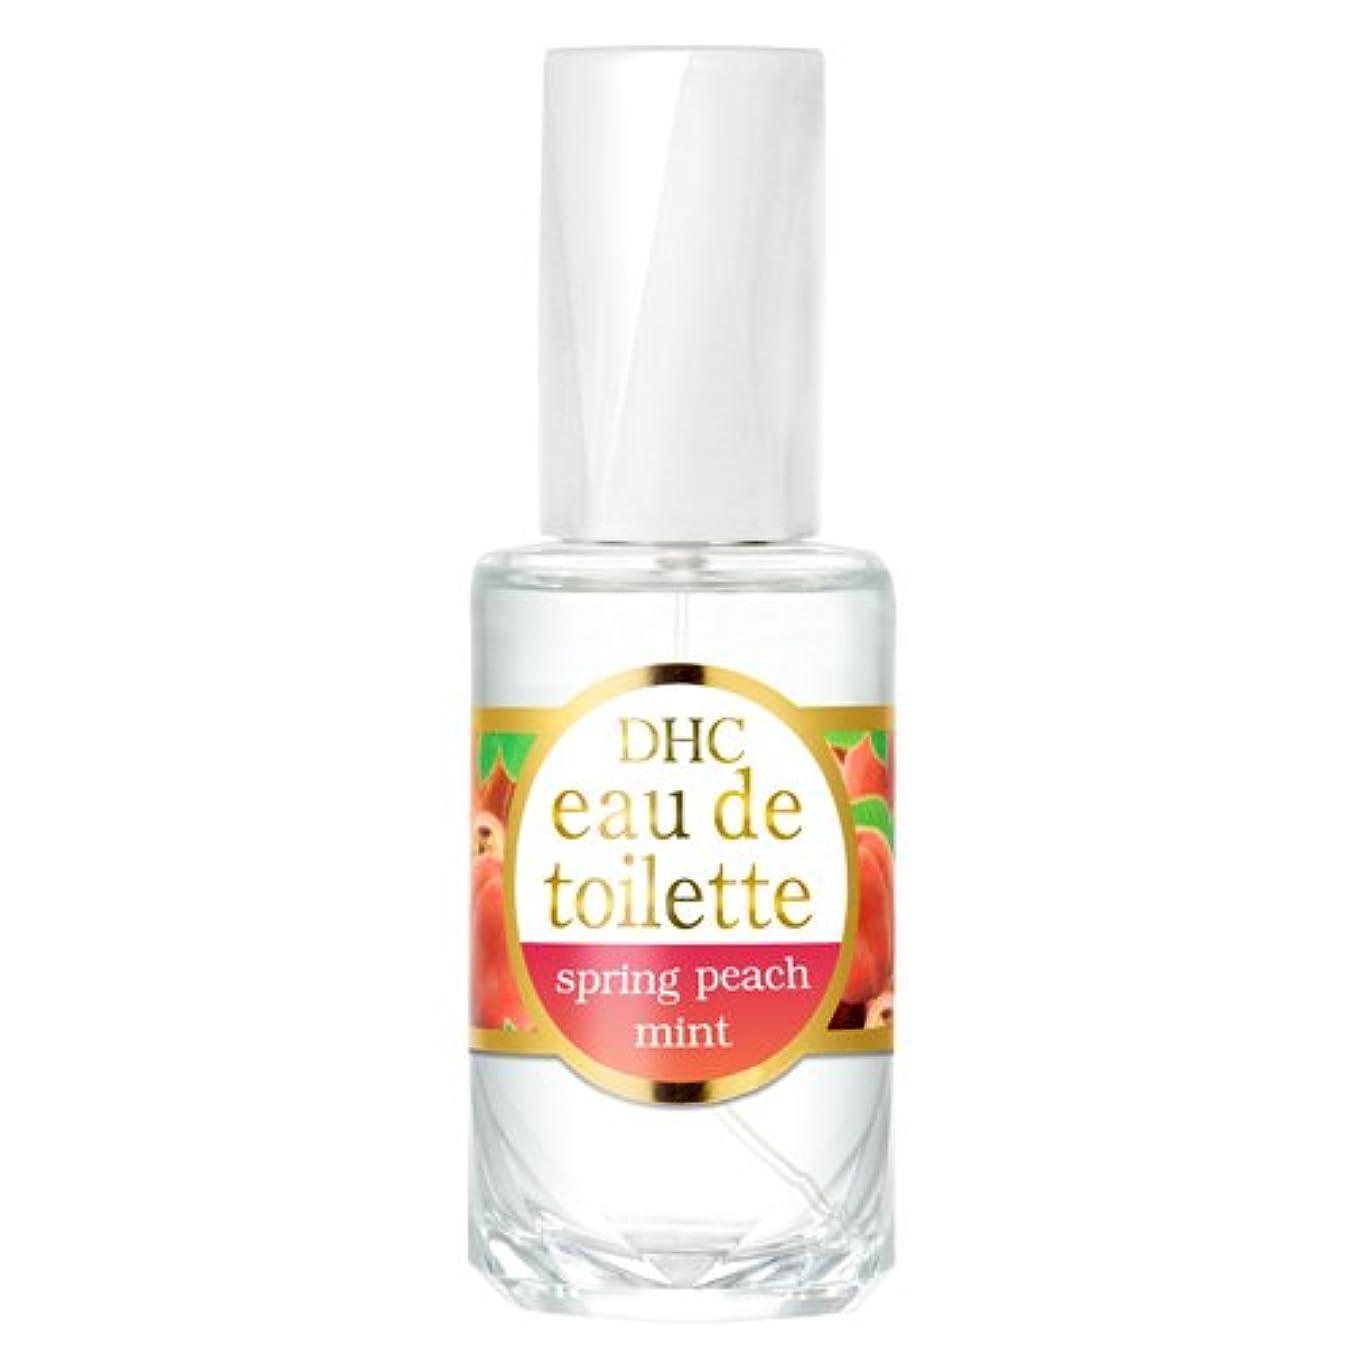 シールド絶滅広範囲DHCオードトワレ スプリングピーチミント(フルーティフローラルの香り)